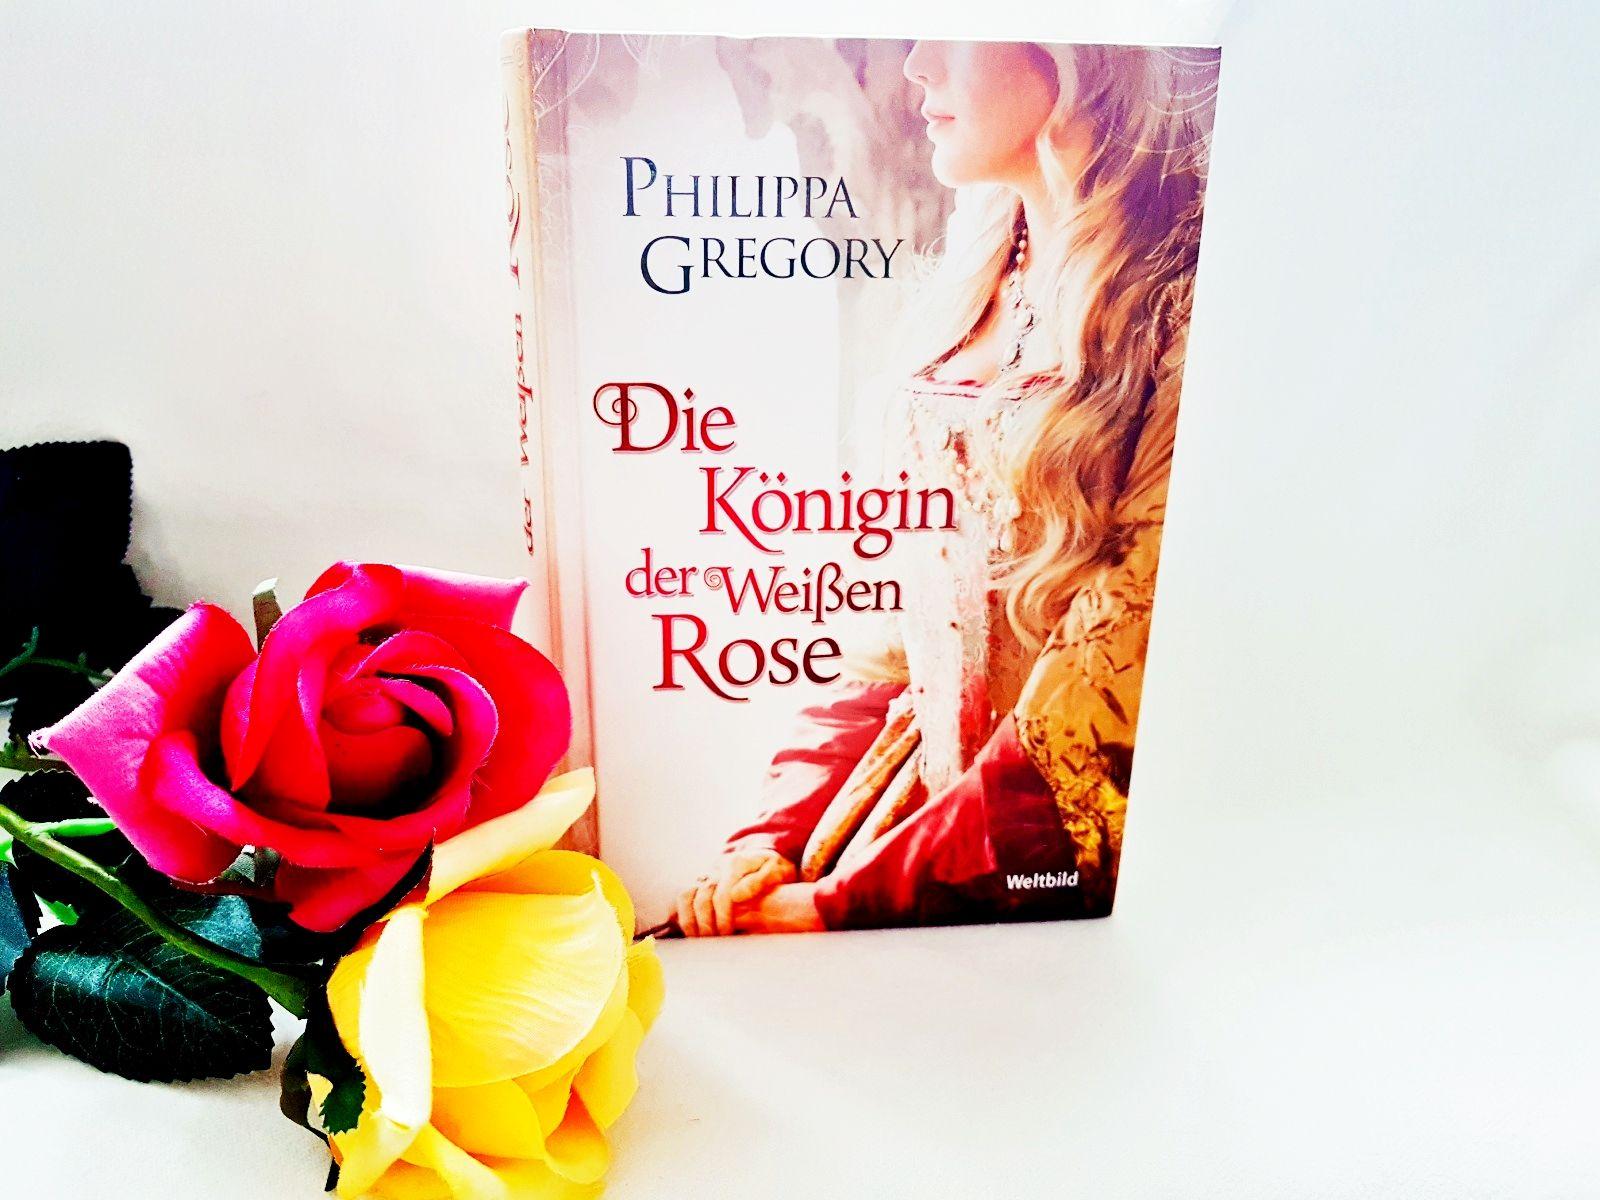 Die Königin der weißen Rose Review